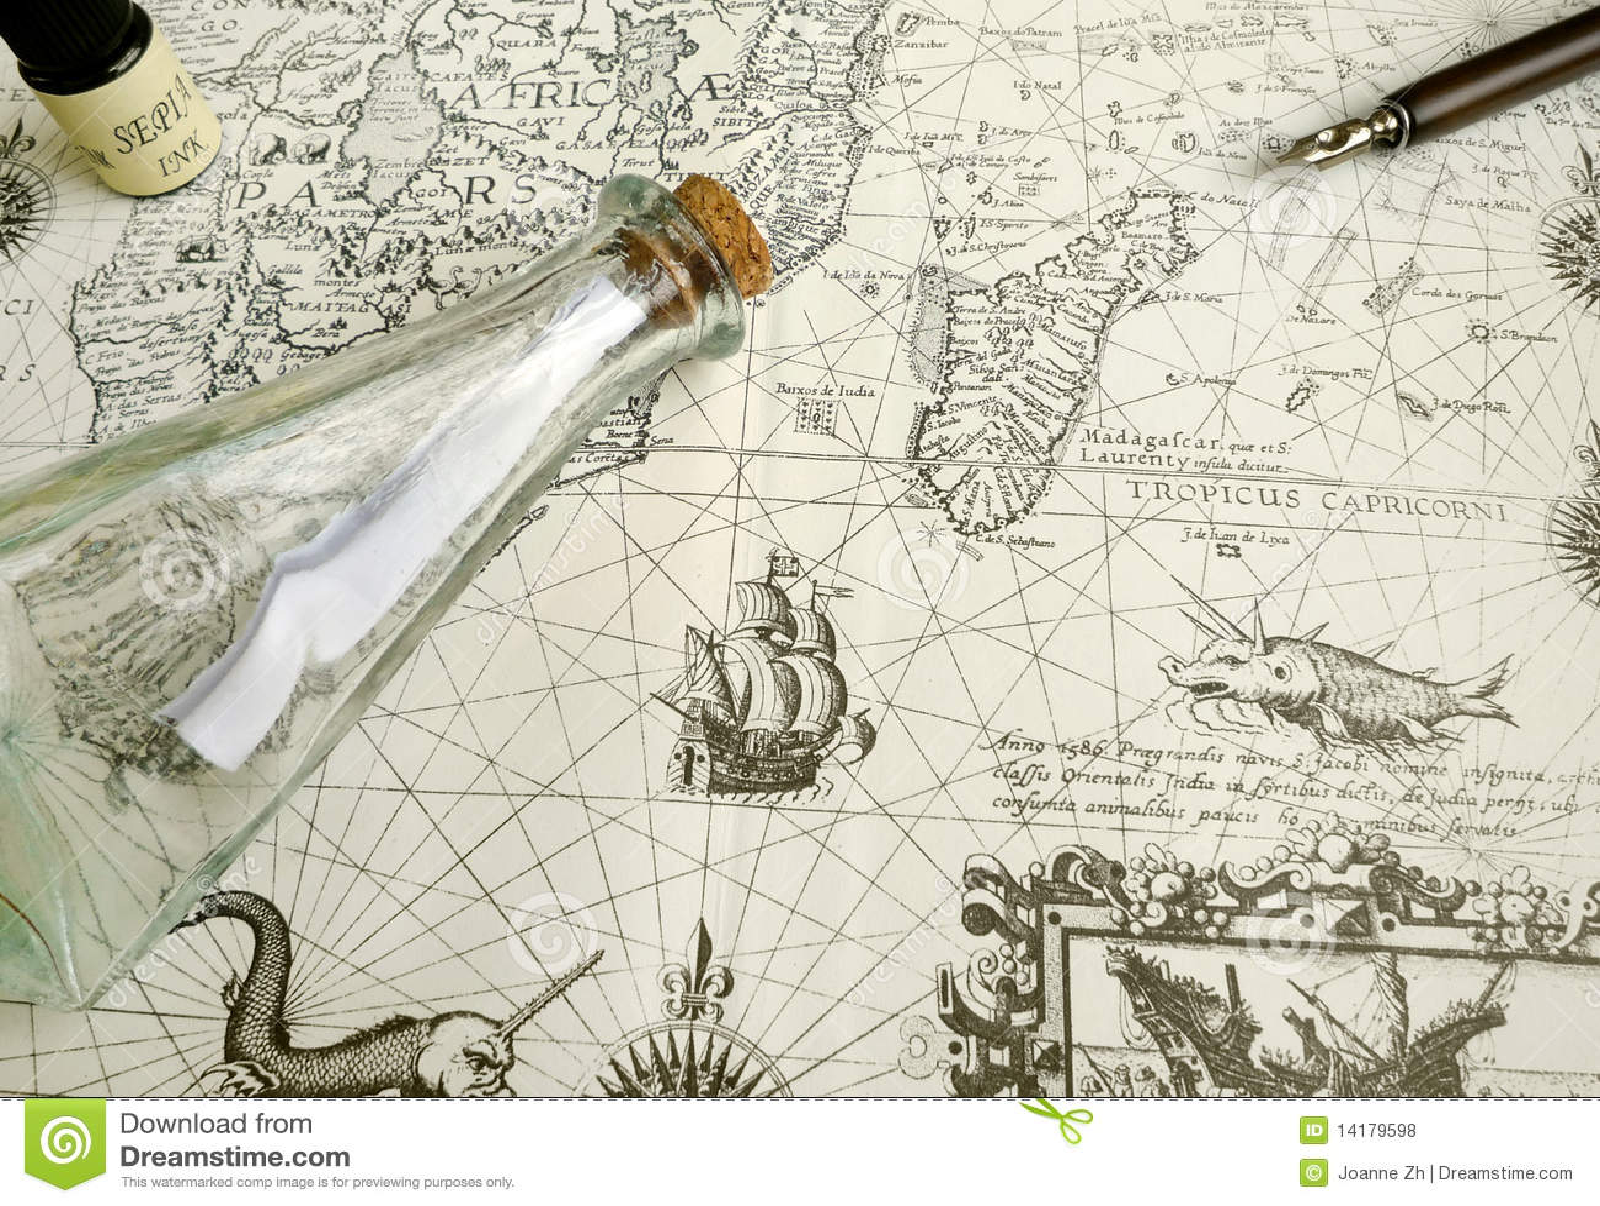 Antique treasure map and manuscript pen